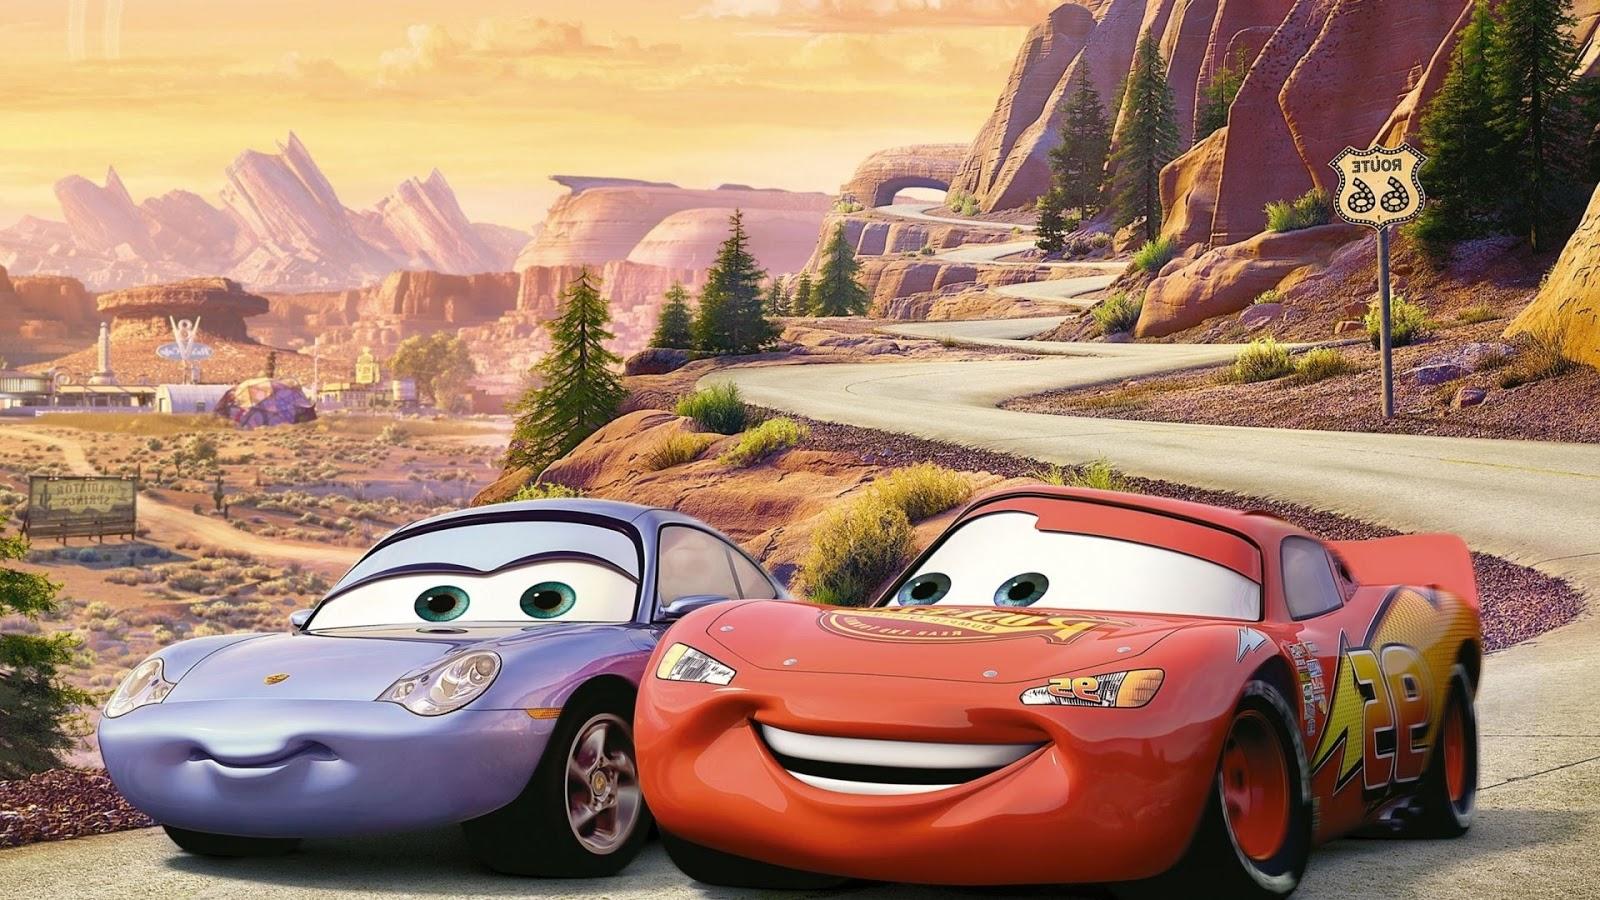 54 Koleksi Contoh Gambar Kartun Mobil Cars Terbaik